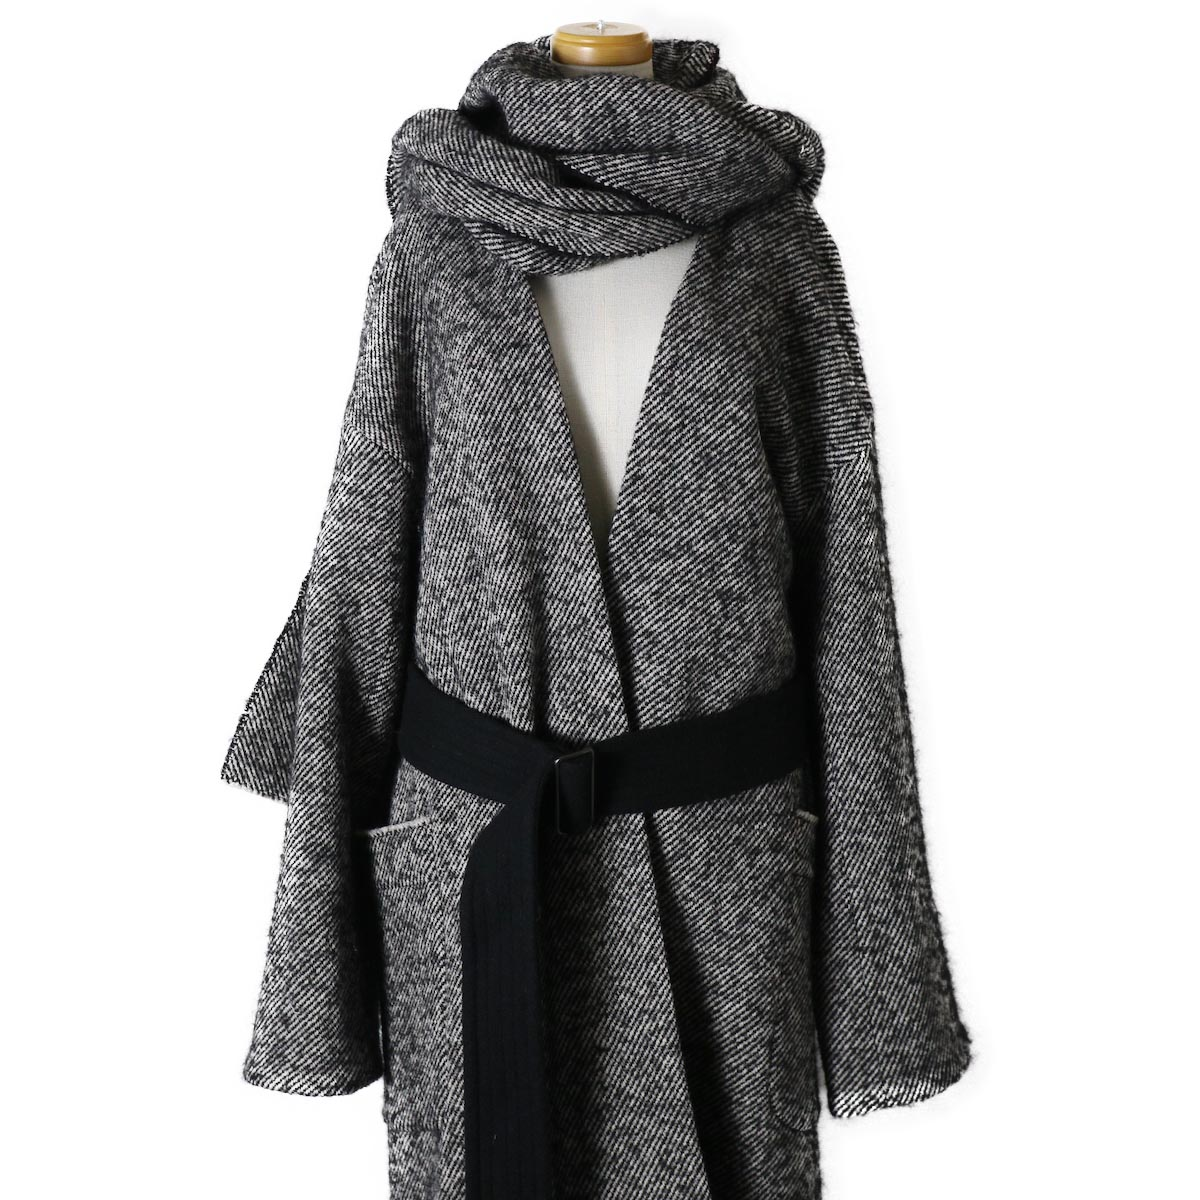 YLEVE / Monotone Tweed Coat 首元